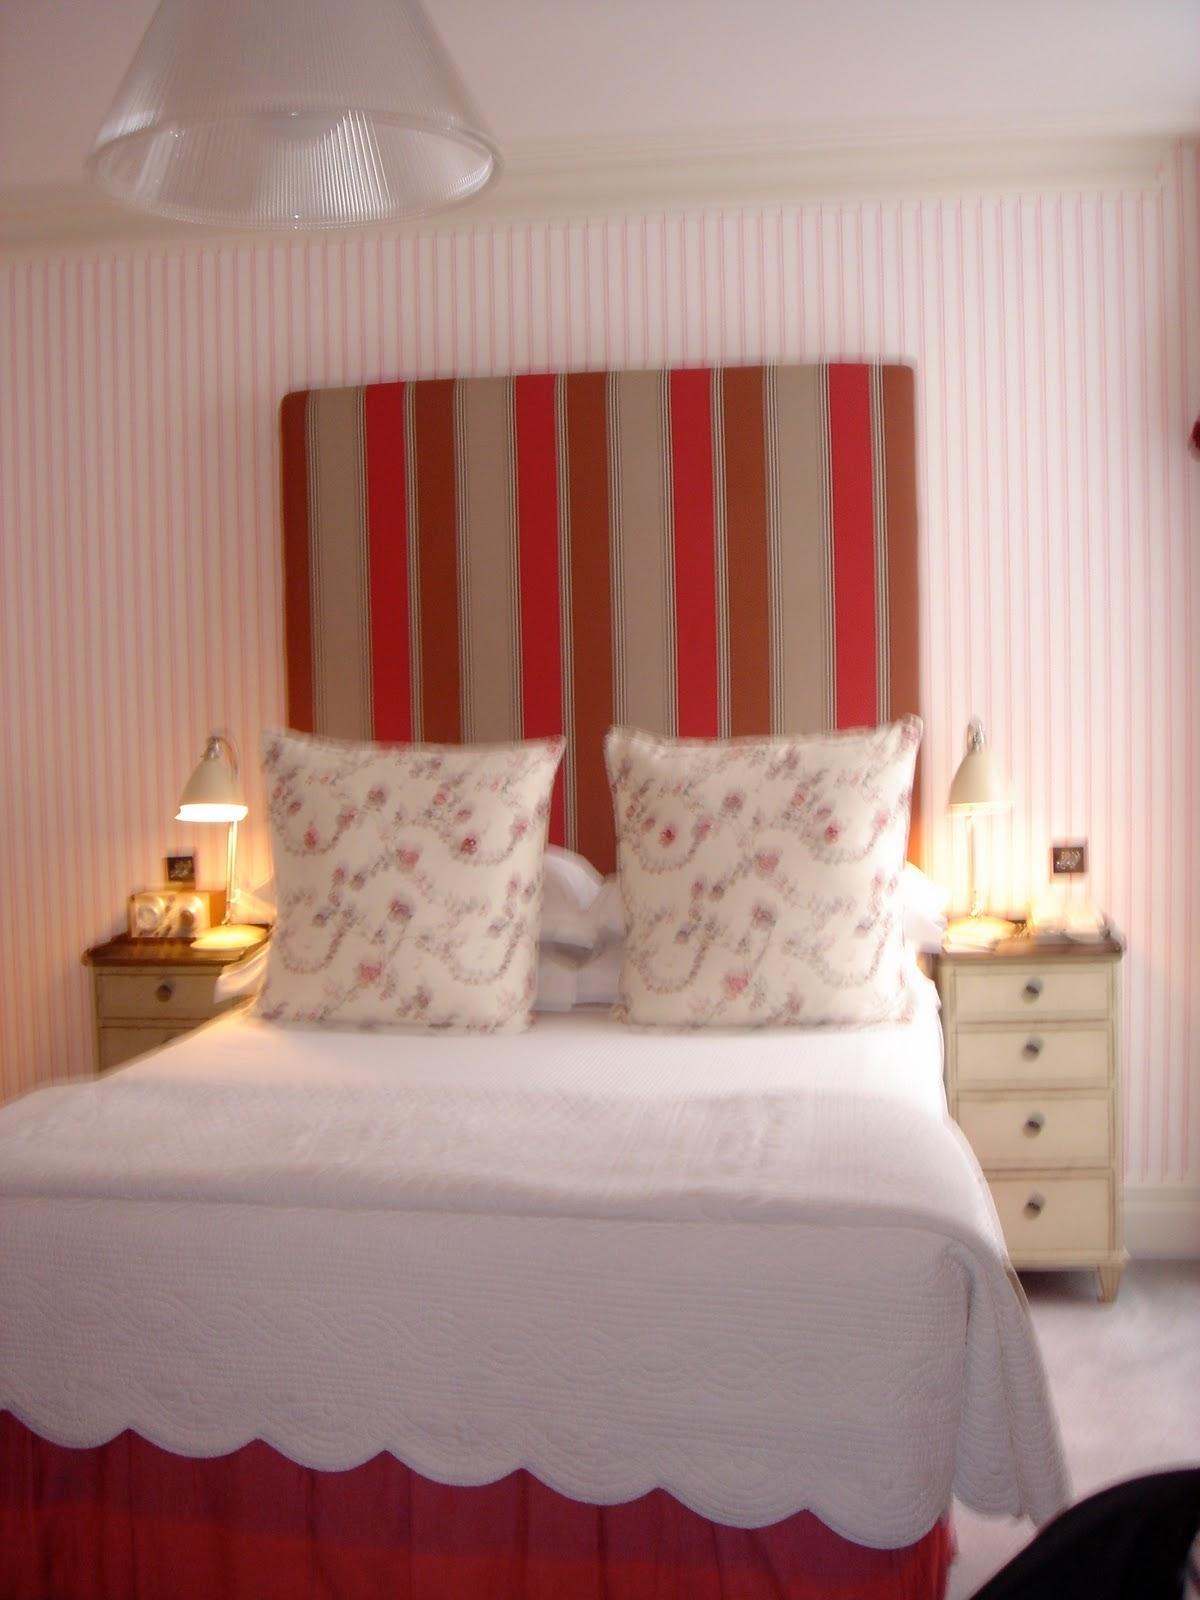 http://3.bp.blogspot.com/_o_2KN-iX0pk/TGvv5qFqVPI/AAAAAAAAAT8/orQcRhPYeYY/s1600/soho+pretty+room.JPG